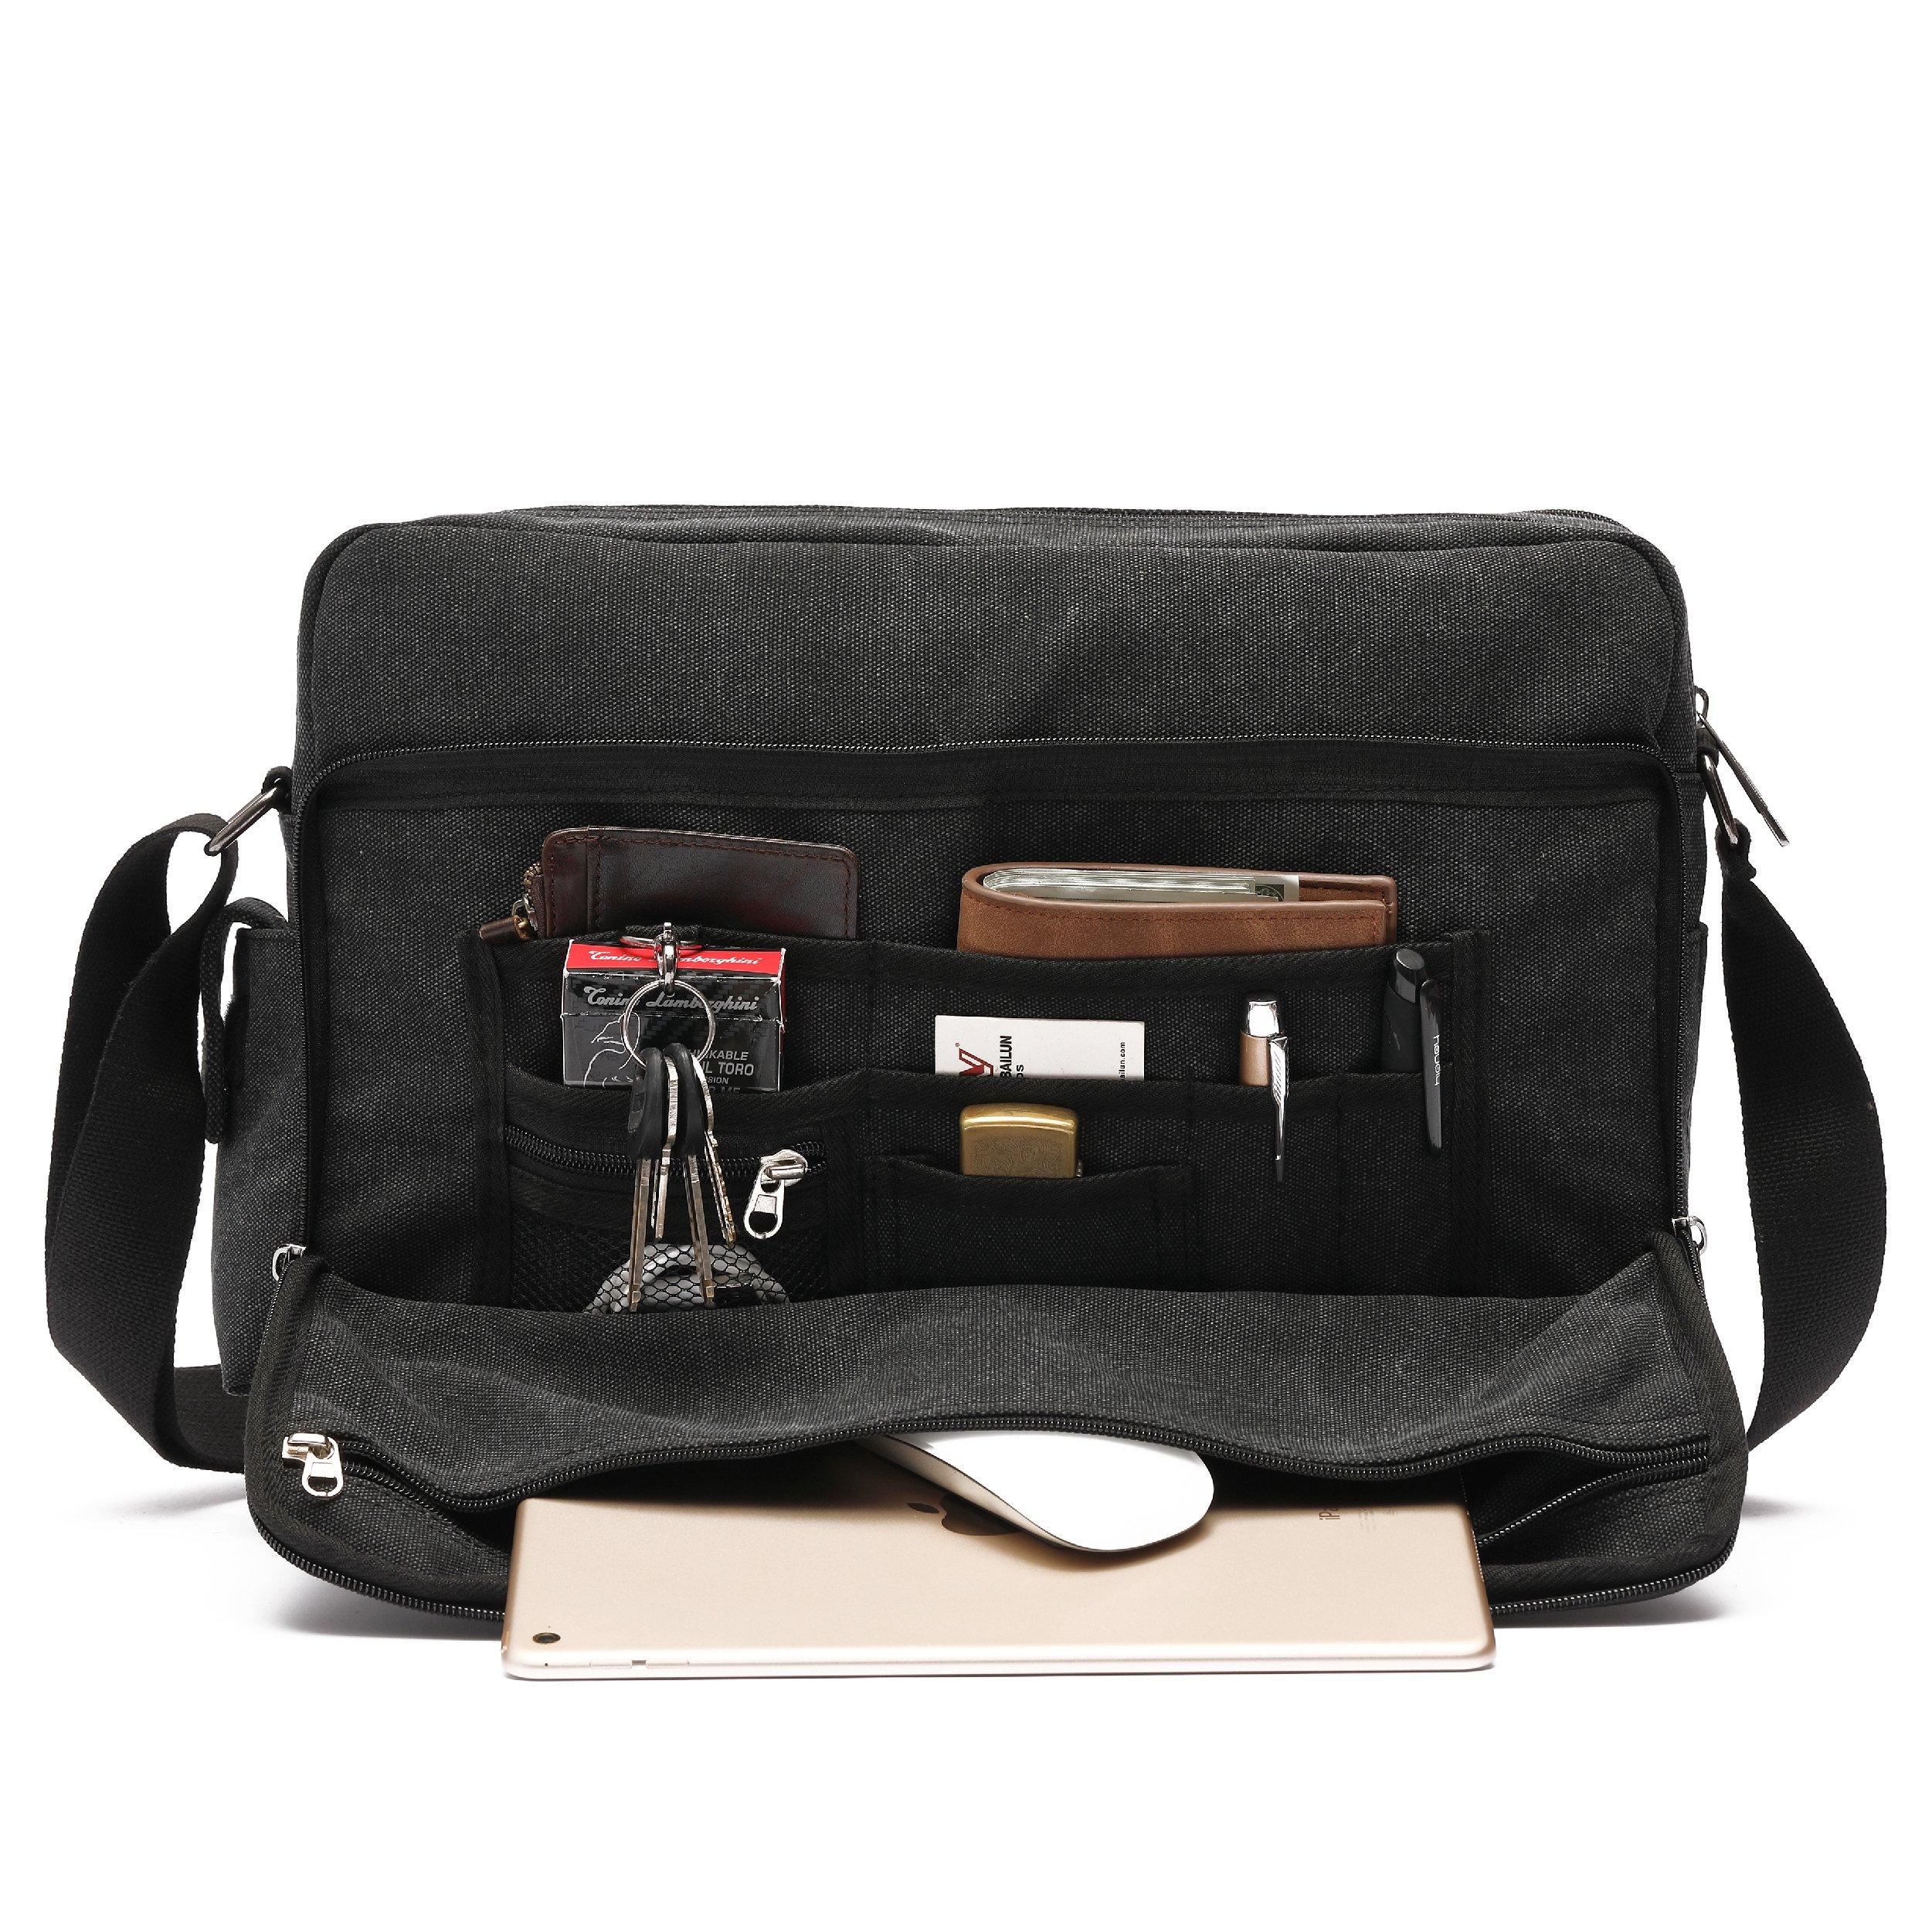 64b987c826df Men's Multifunctional Canvas Messenger Handbag Outdoor Sports Over ...